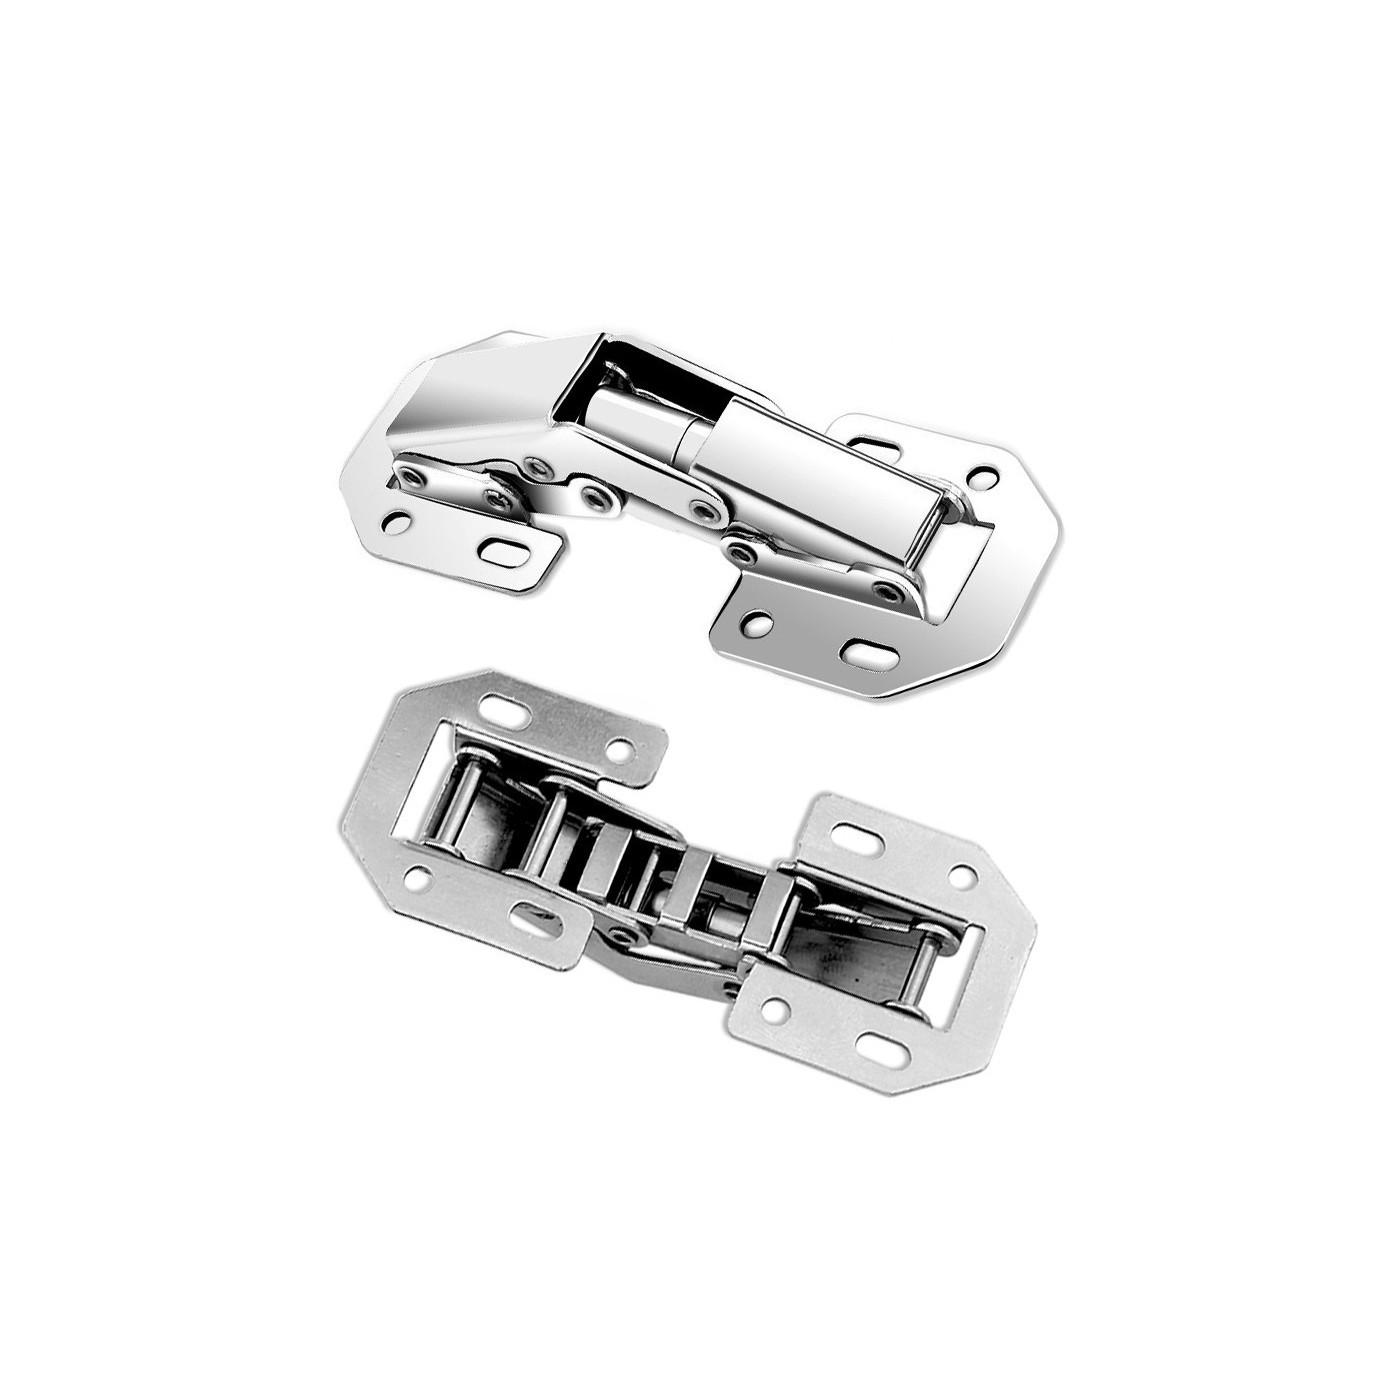 Set von 16 Schrankscharnieren aus Metall (Größe 2: 115 mm)